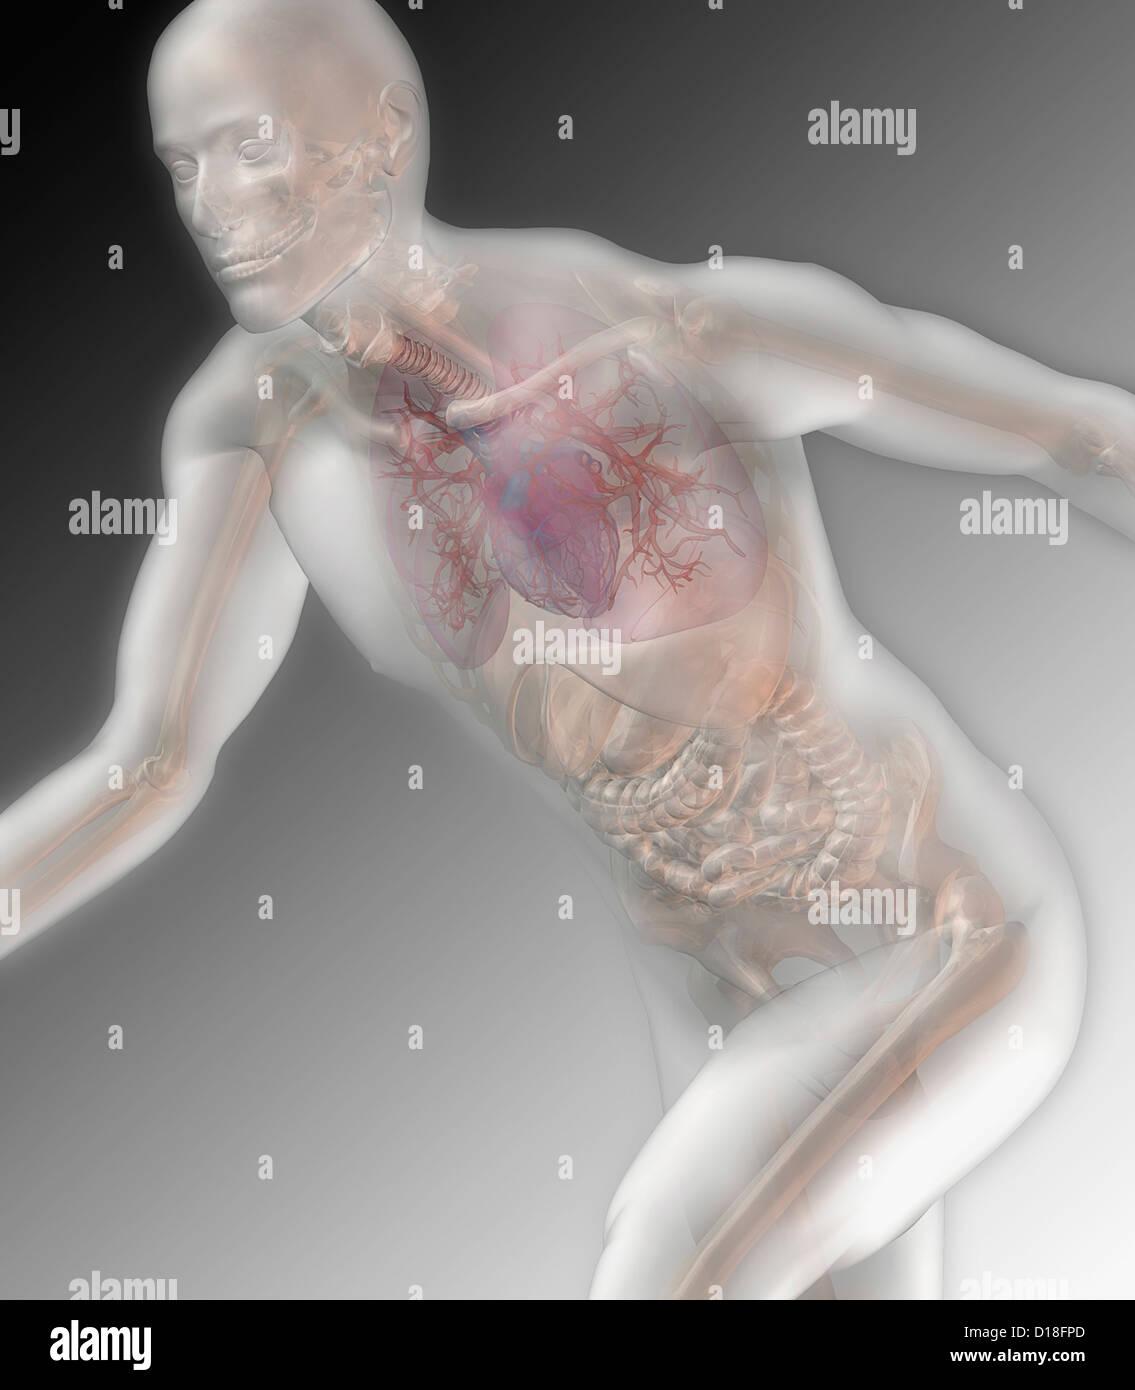 Illustrazione di un acceso maschio modello anatomico Immagini Stock